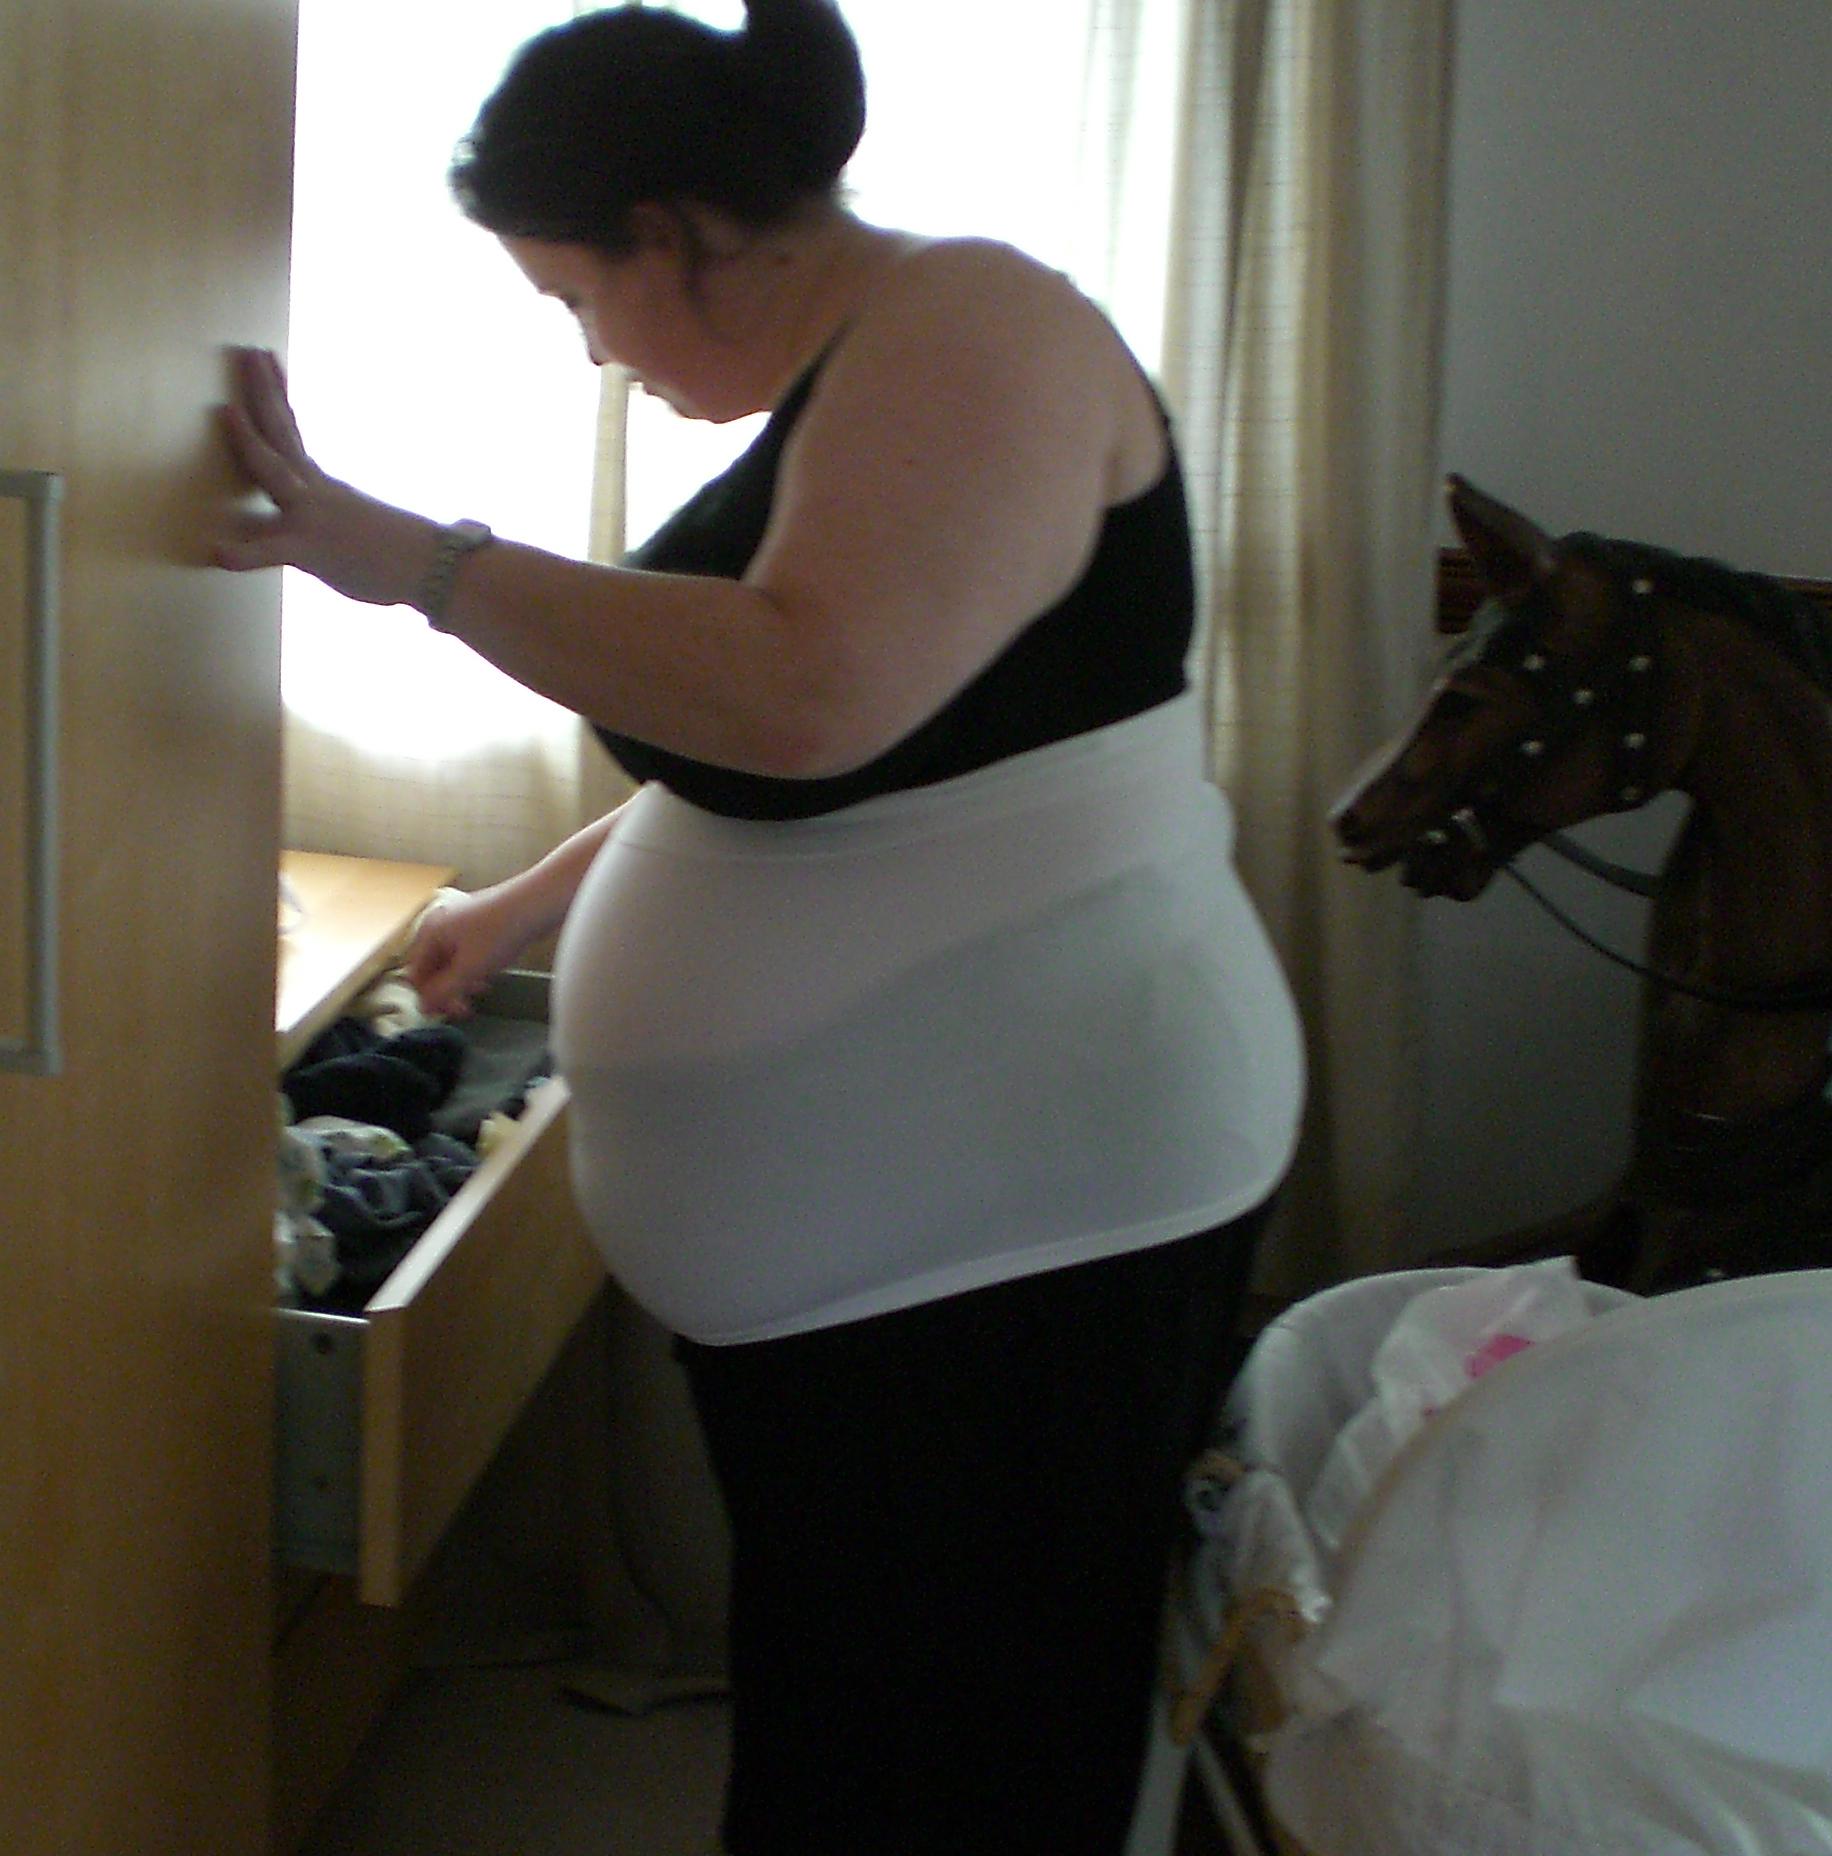 Lisa pregnant (35 weeks)